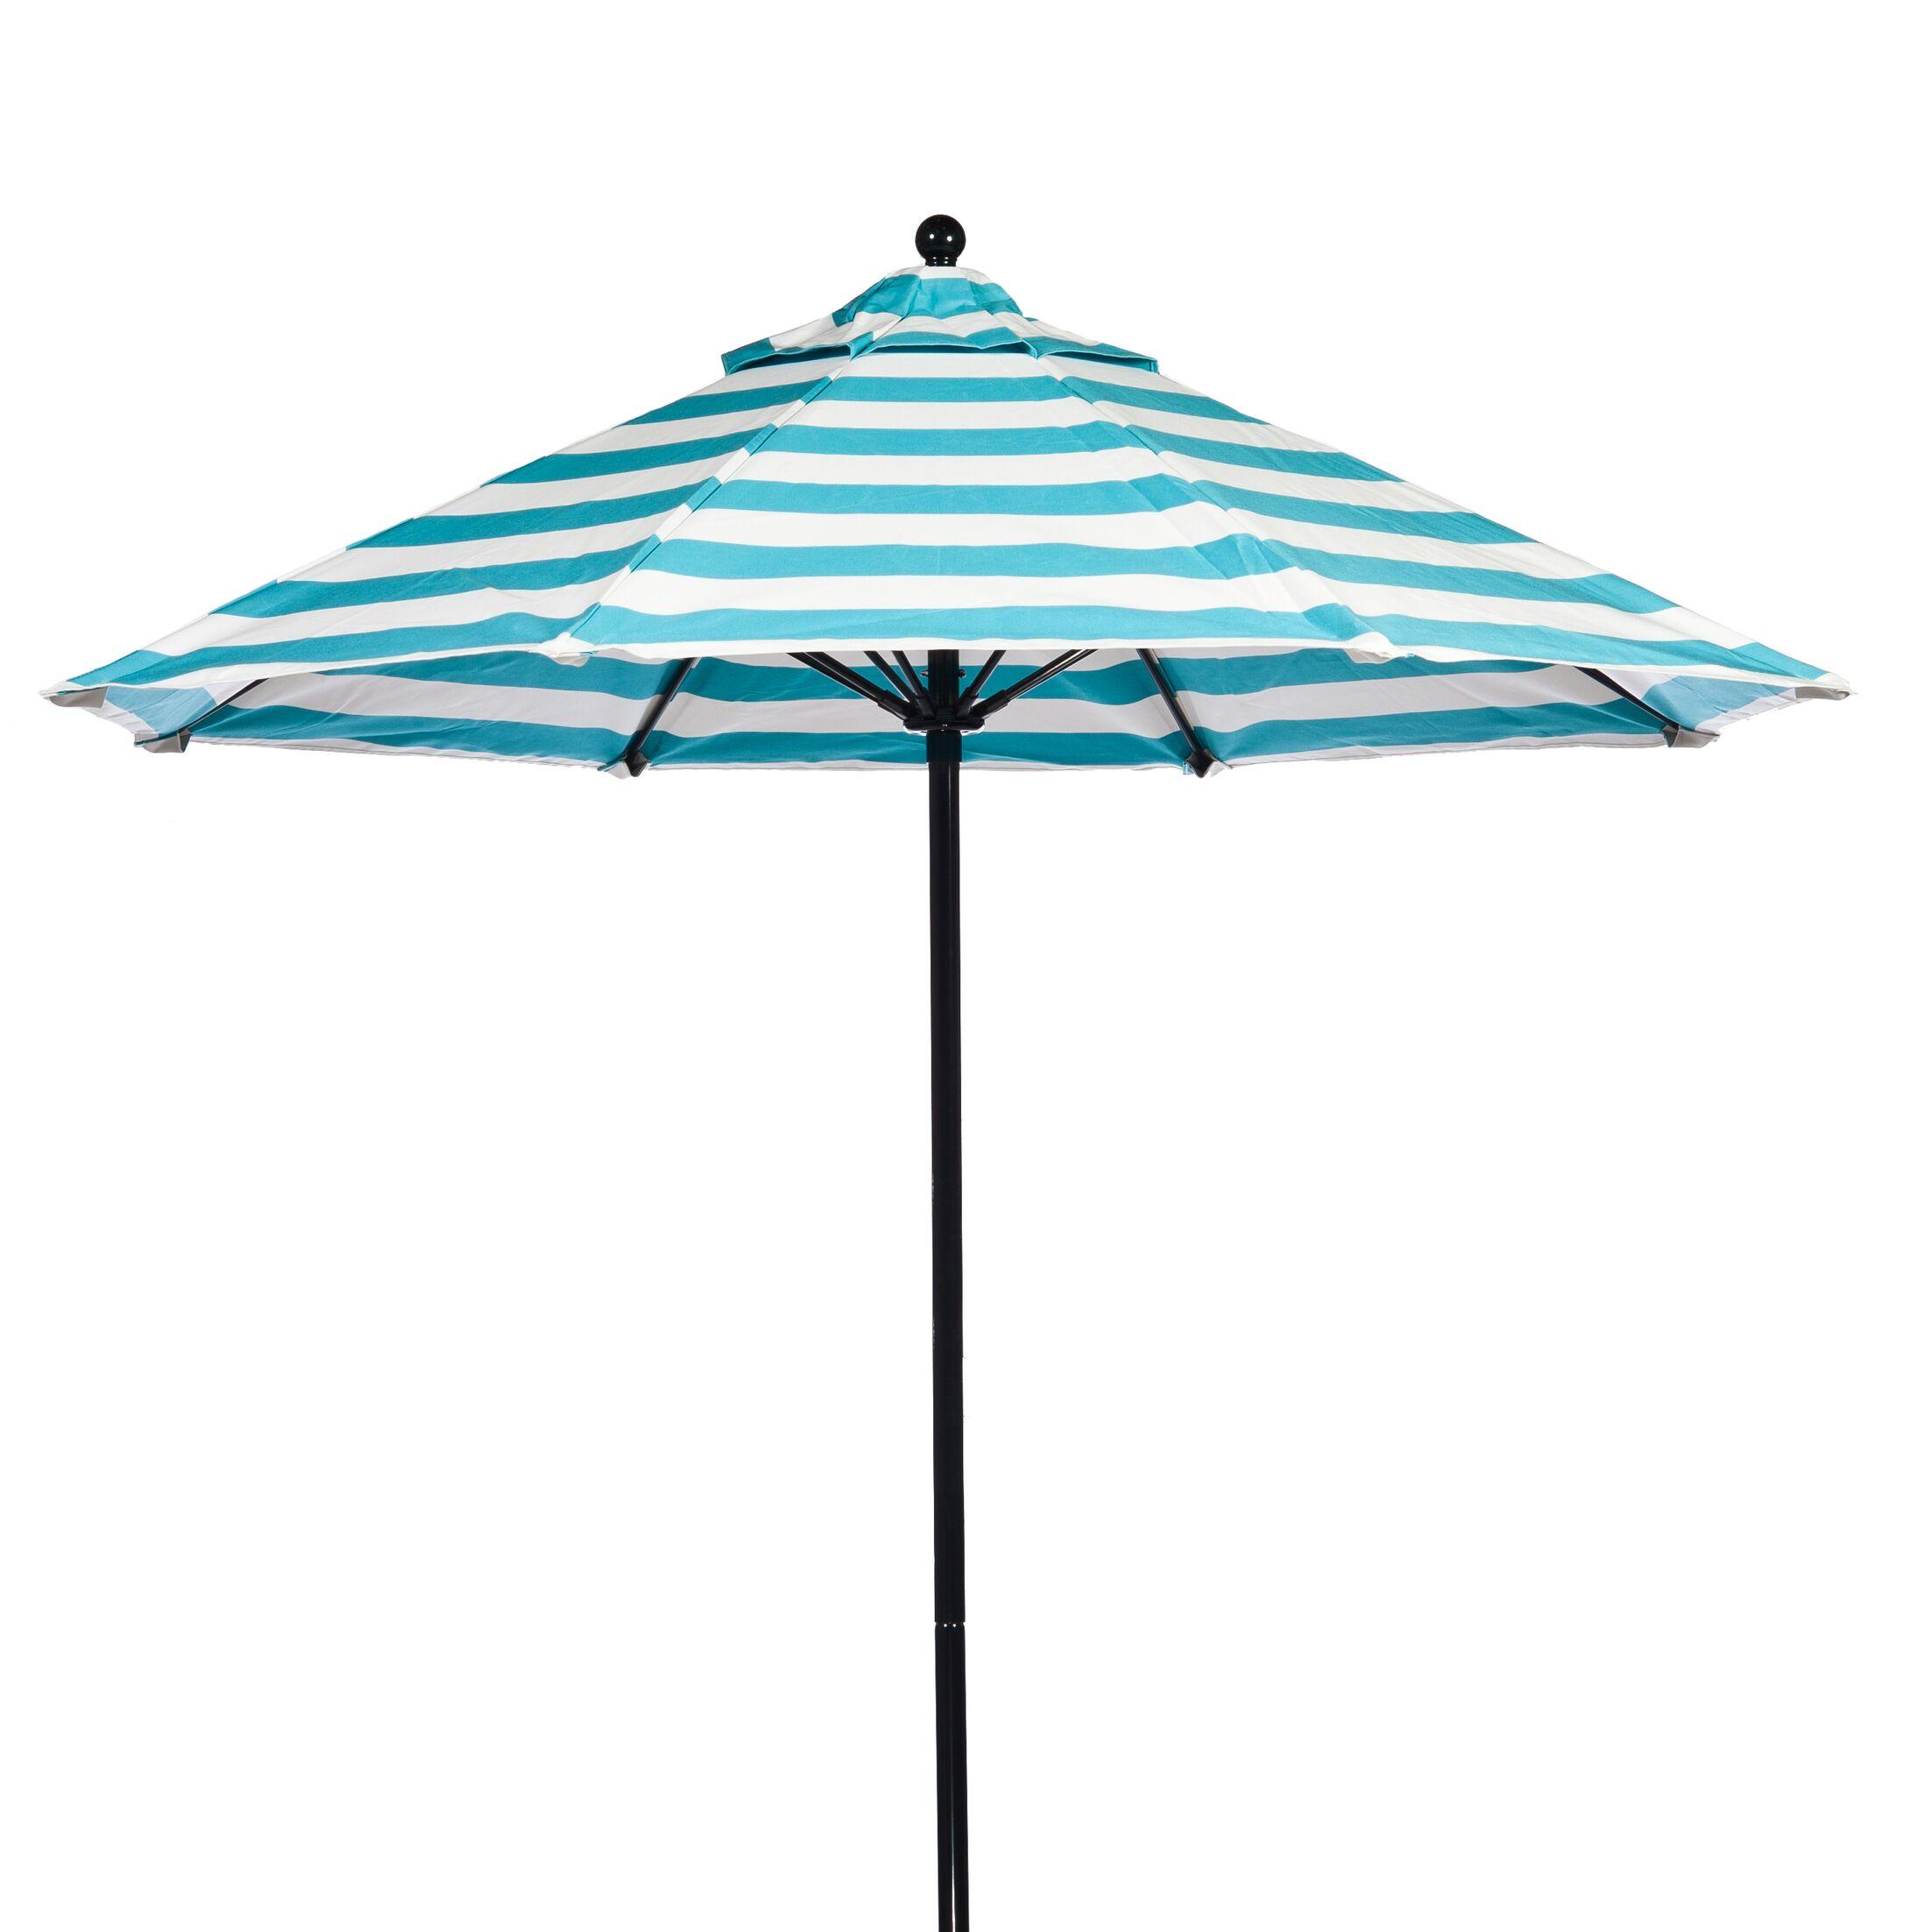 7.5' Market Umbrella Fabric: Turquoise and White Stripe, Pole Type: Black Coated Aluminum Pole